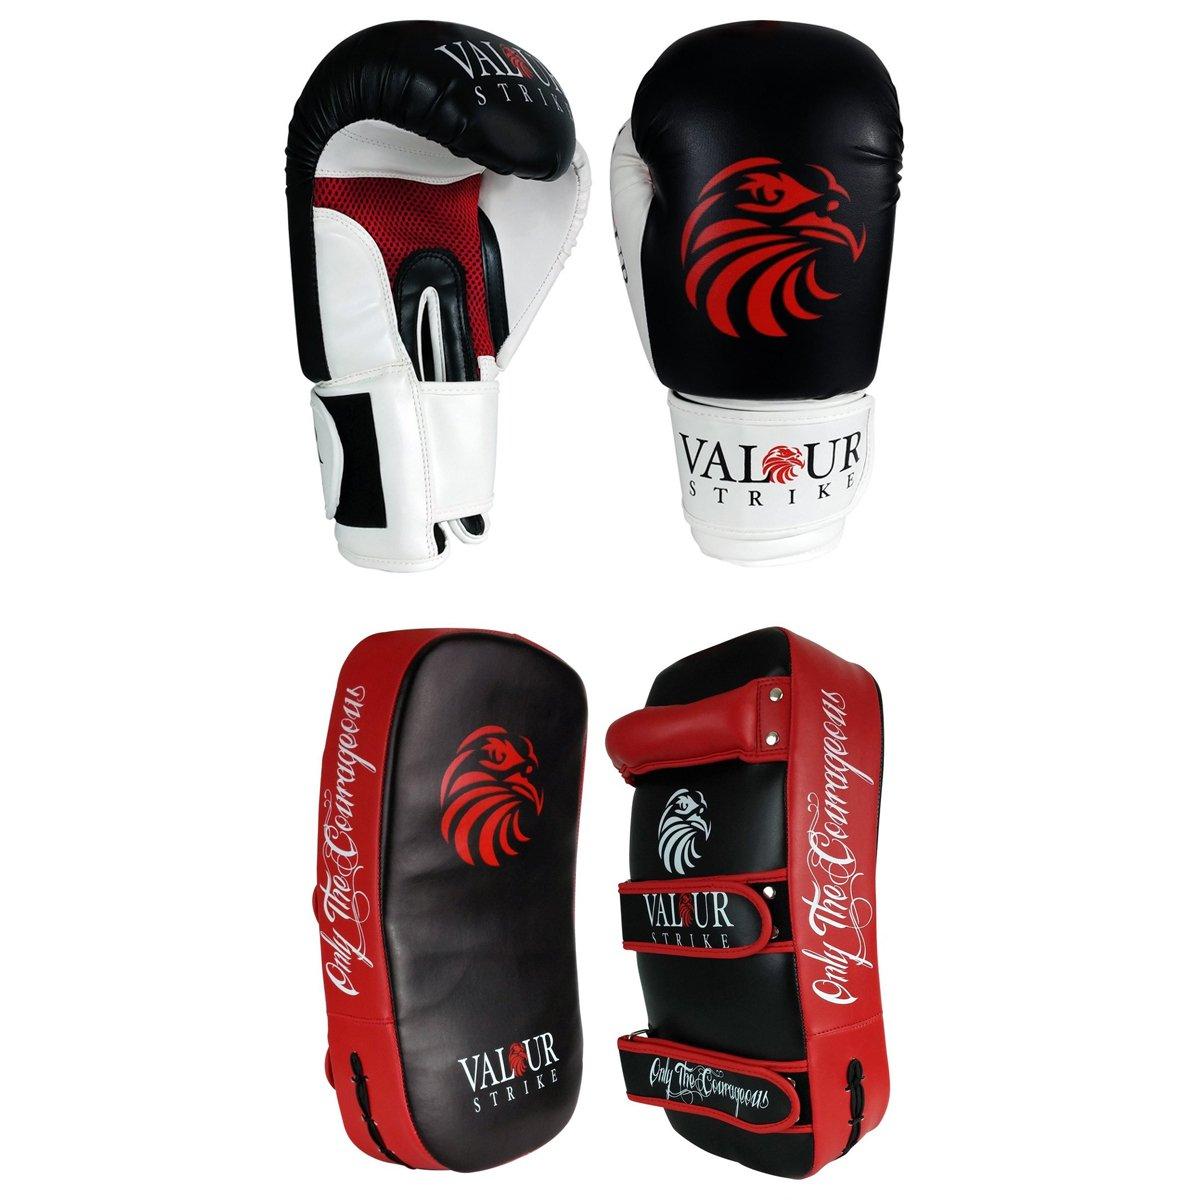 Pro 14 oz guantes de boxeo y Kickboxing pao para cama individual y#x2605; Shield PRO escudos curvados de entrenamiento de artes marciales de boxeo almohadillas protectoras para saco de boxeo de lucha con texto en inglés de guante y#x2605; Deportes de Focus